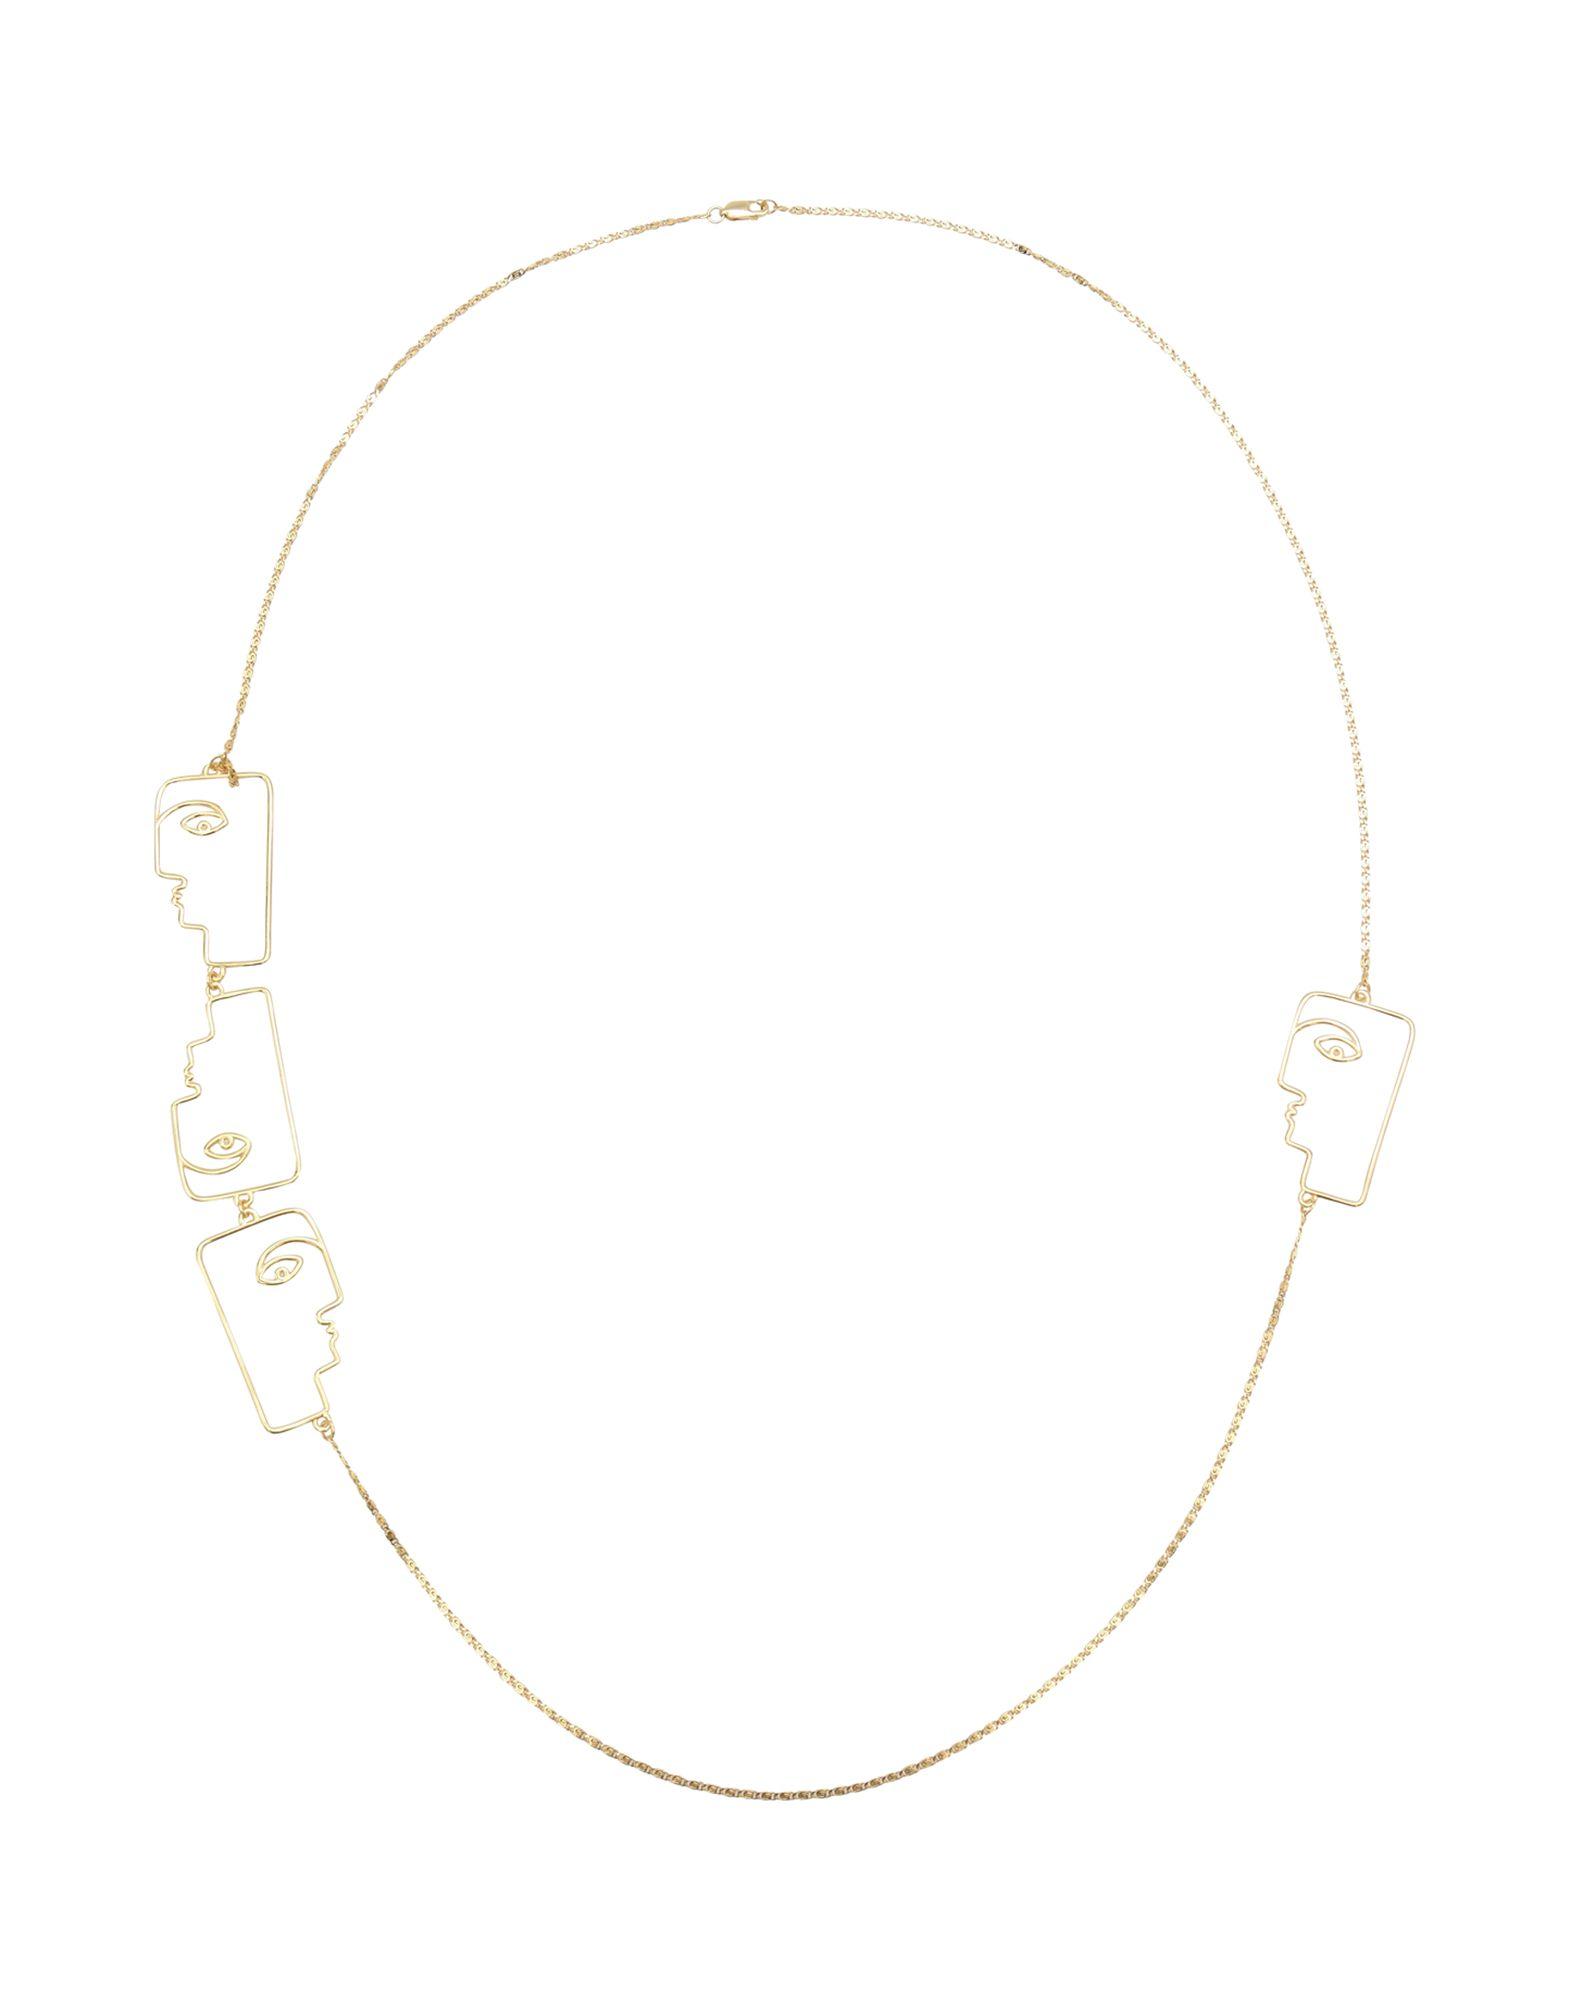 NINA KASTENS Necklace in Gold